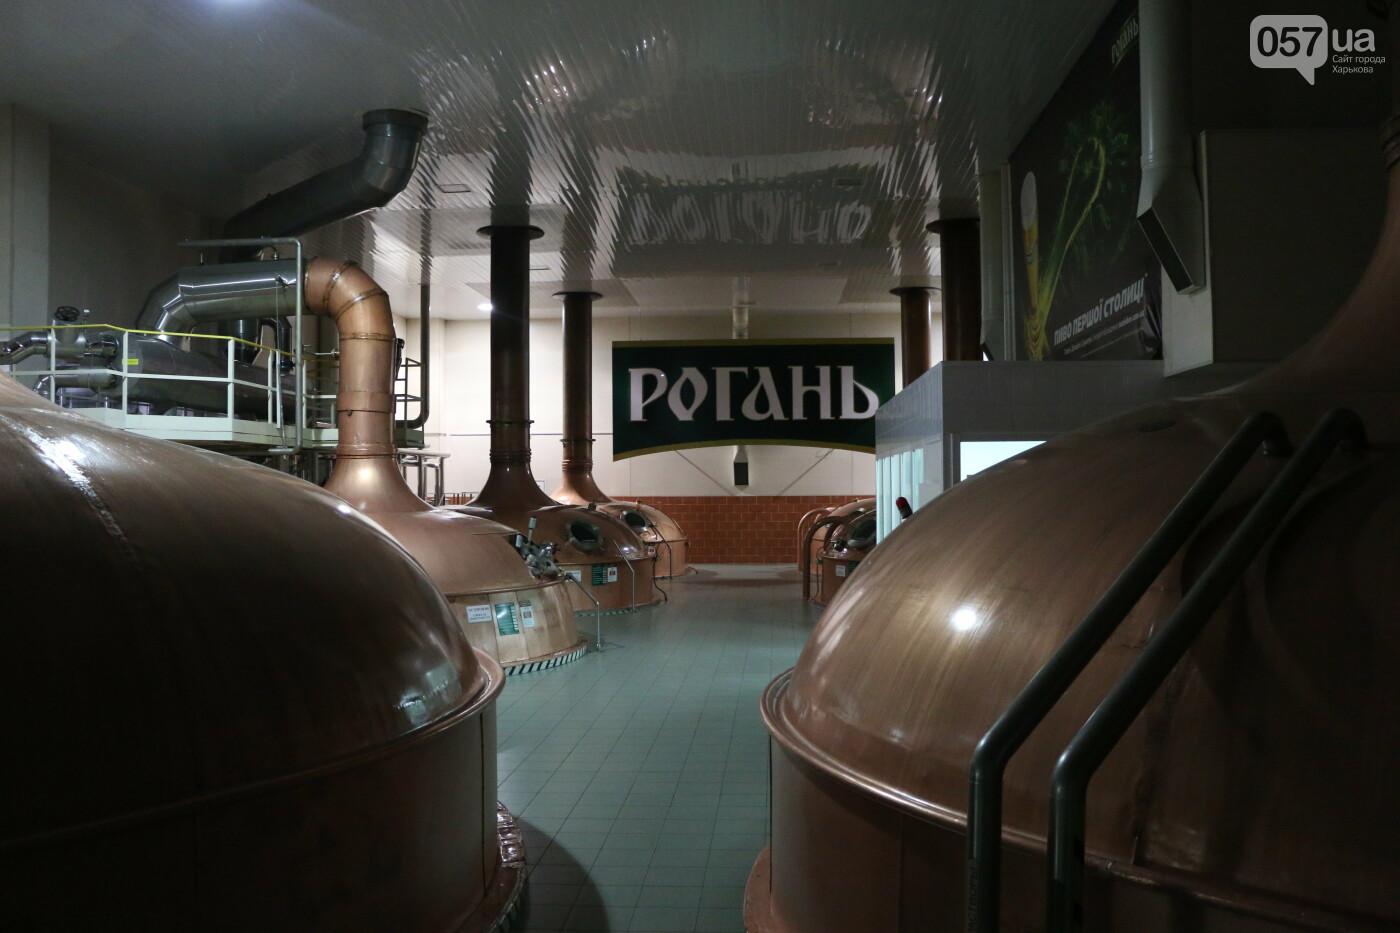 От выращивания ячменя до розлива в бутылки: как в Харькове варят пиво и что в него добавляют, - ФОТО, фото-6